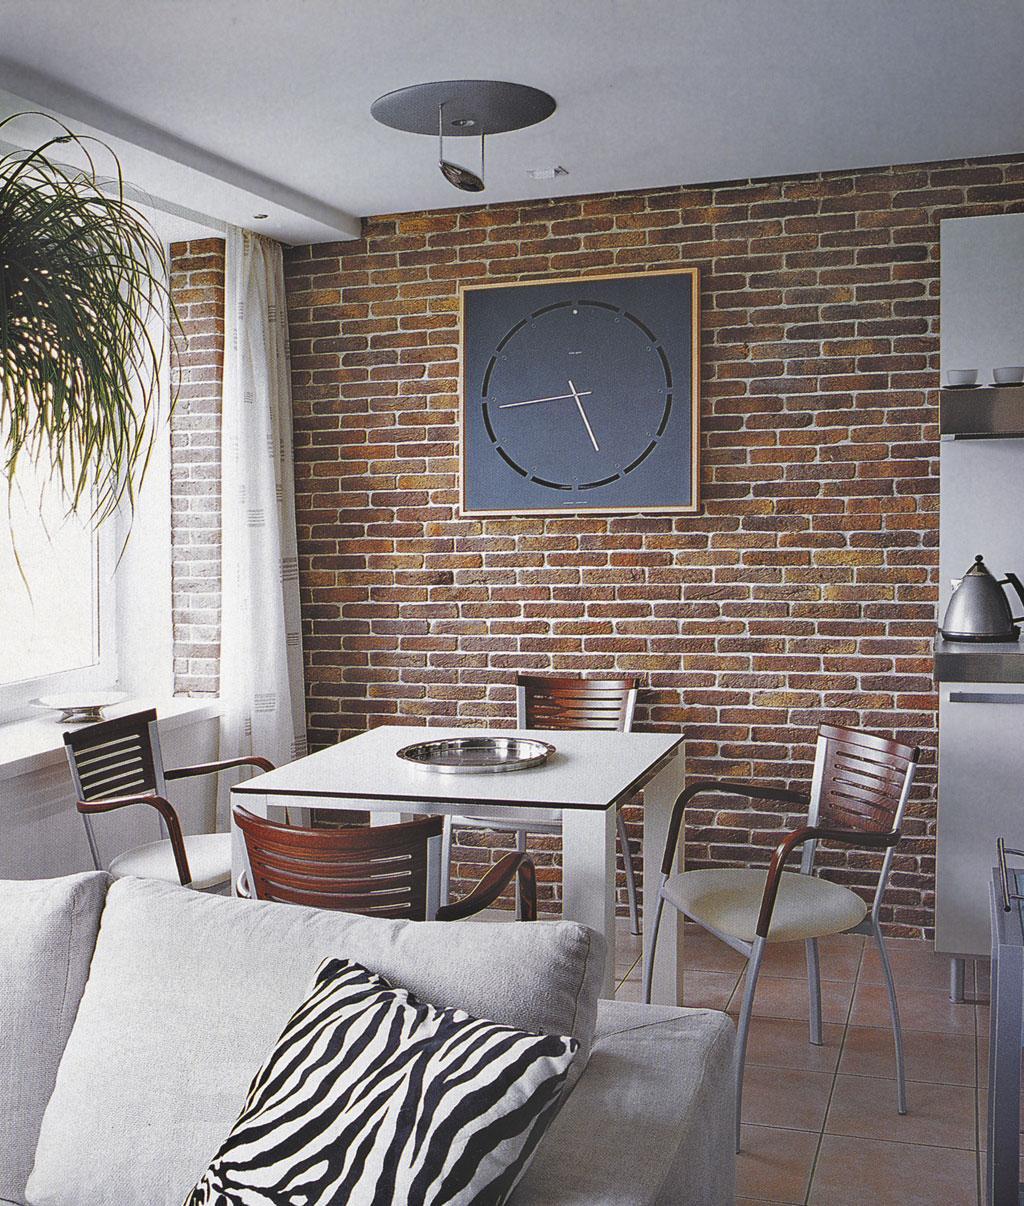 Фотогалерея интерьер и дизайн вашего дома.